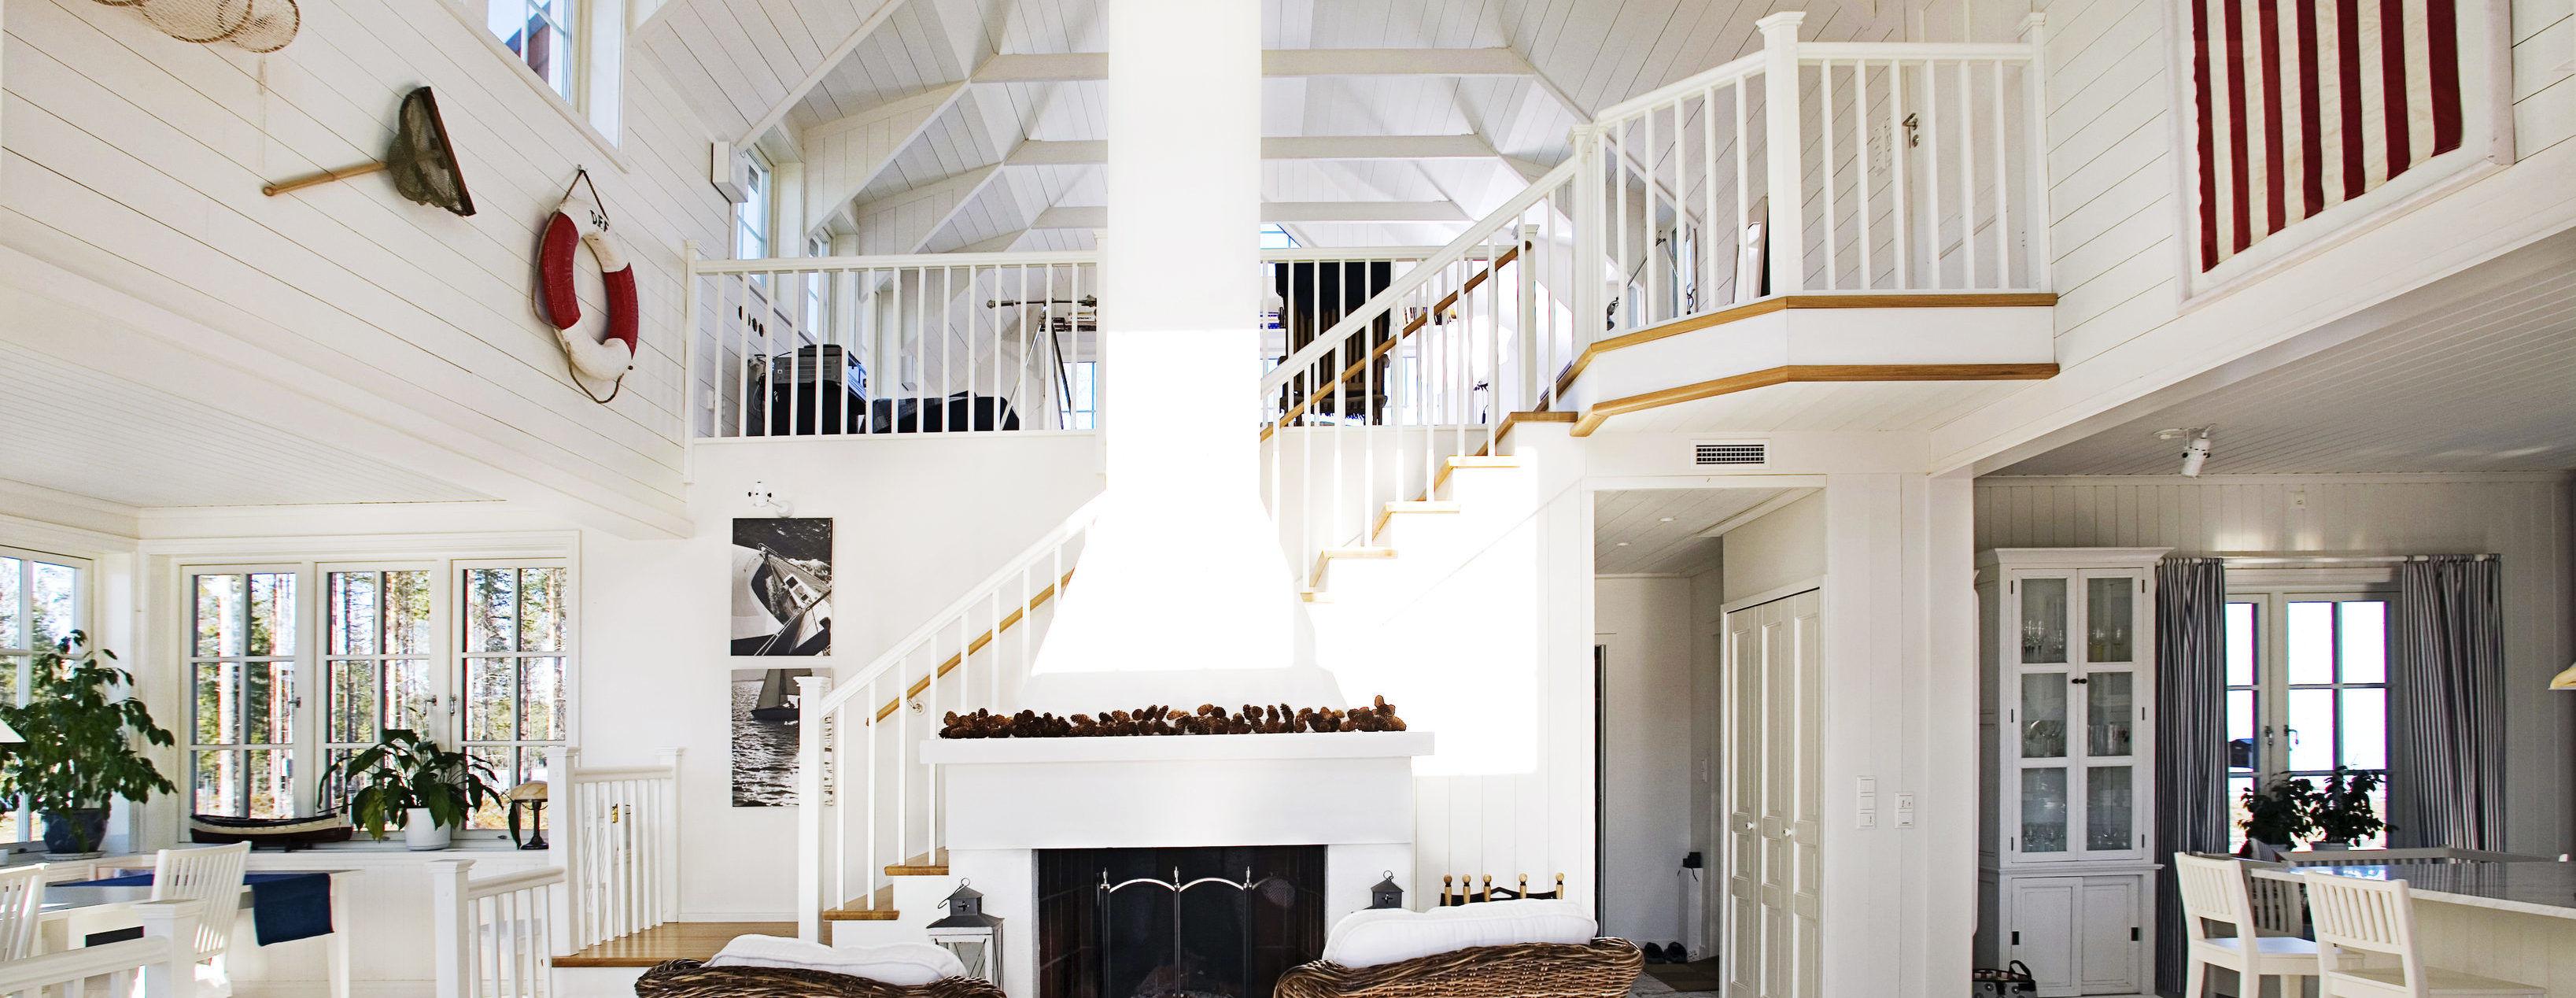 Bygg en fin trätrappa | Trappspecialister